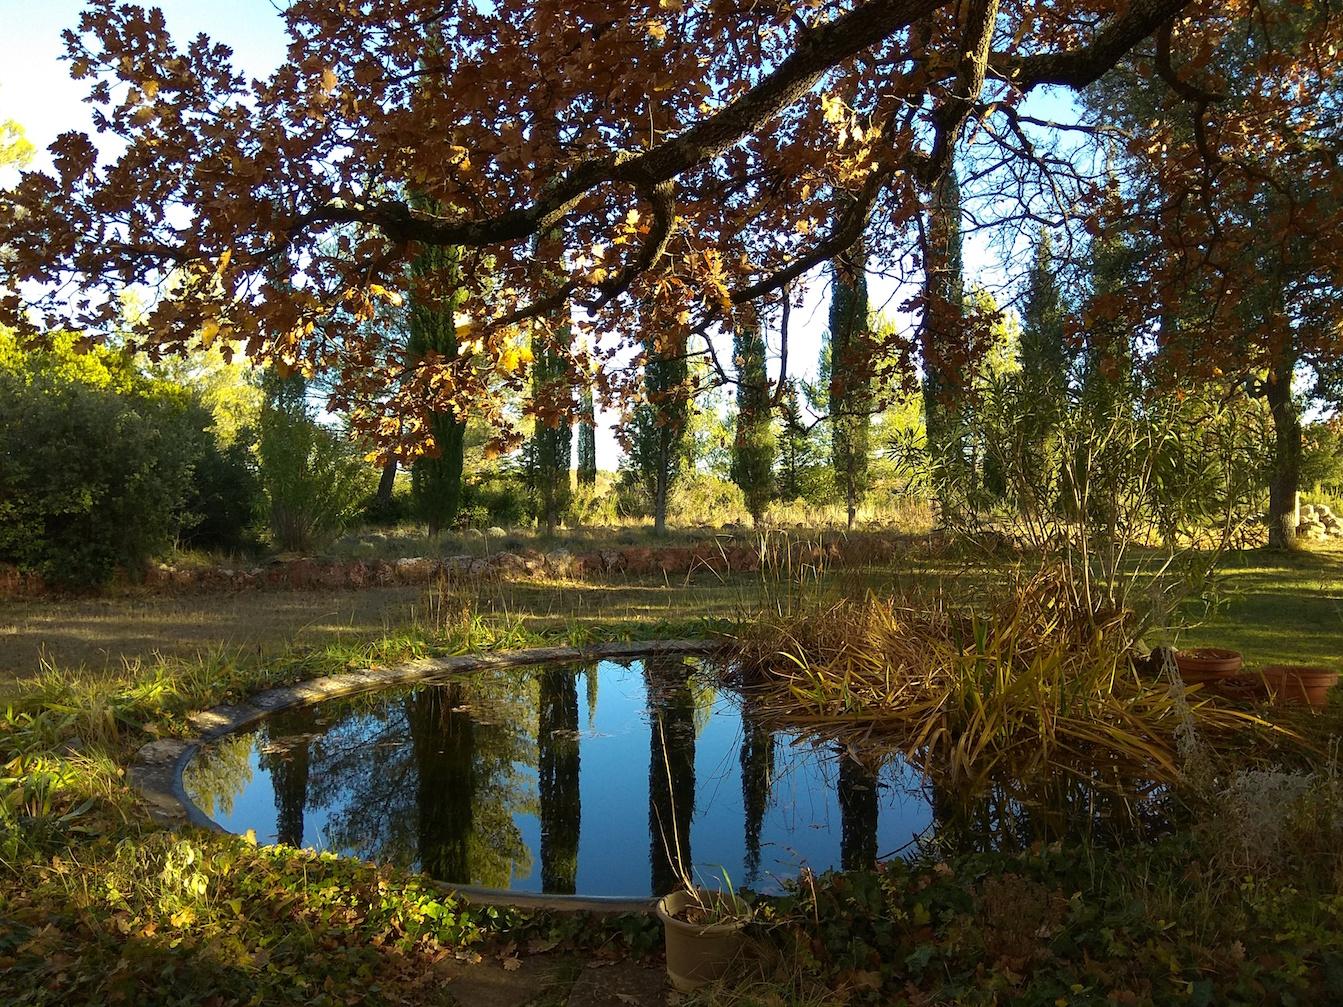 Bastide de Richeaume_Visuel jardin_Puyloubier